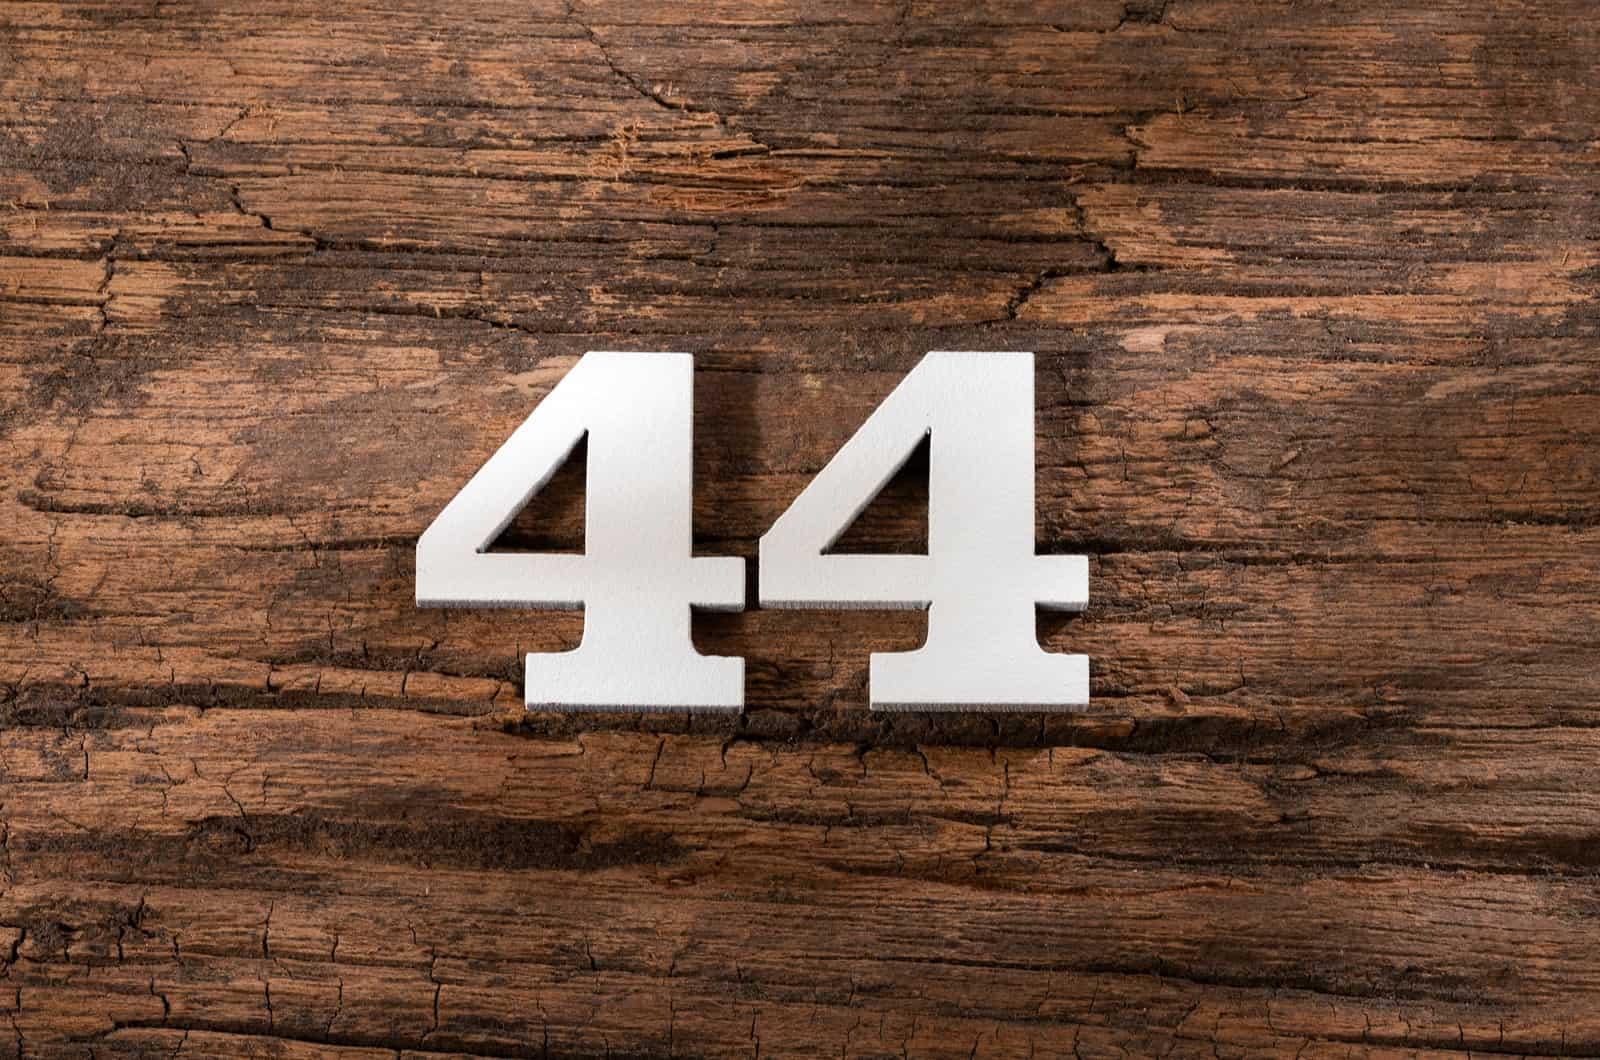 44 auf Holzuntergrund